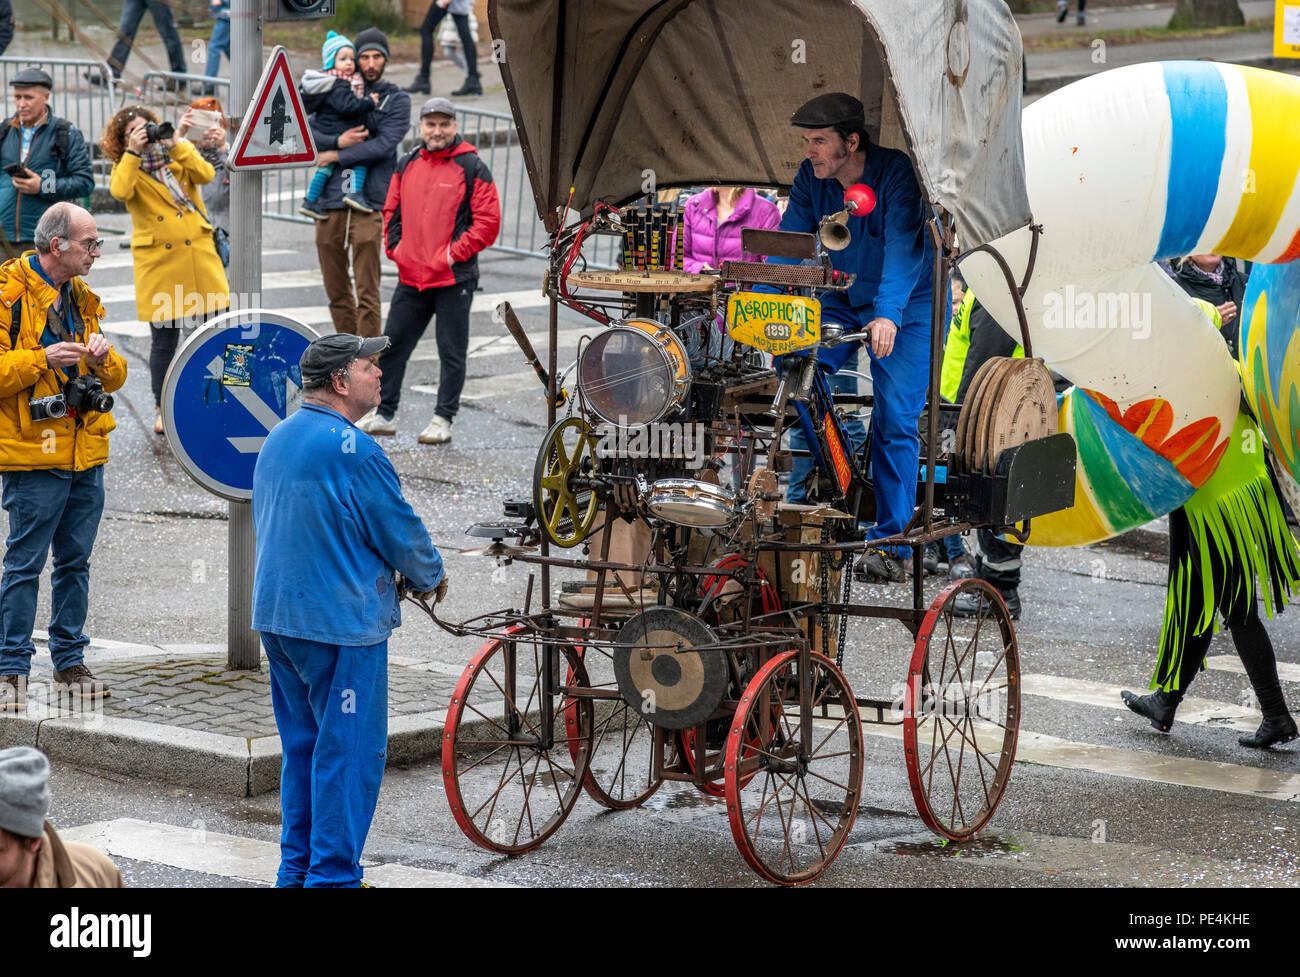 El año 1891, mobile dynamogenic Aerophone máquina musical, desfile de carnaval de Estrasburgo, Alsacia, Francia, Europa, Imagen De Stock